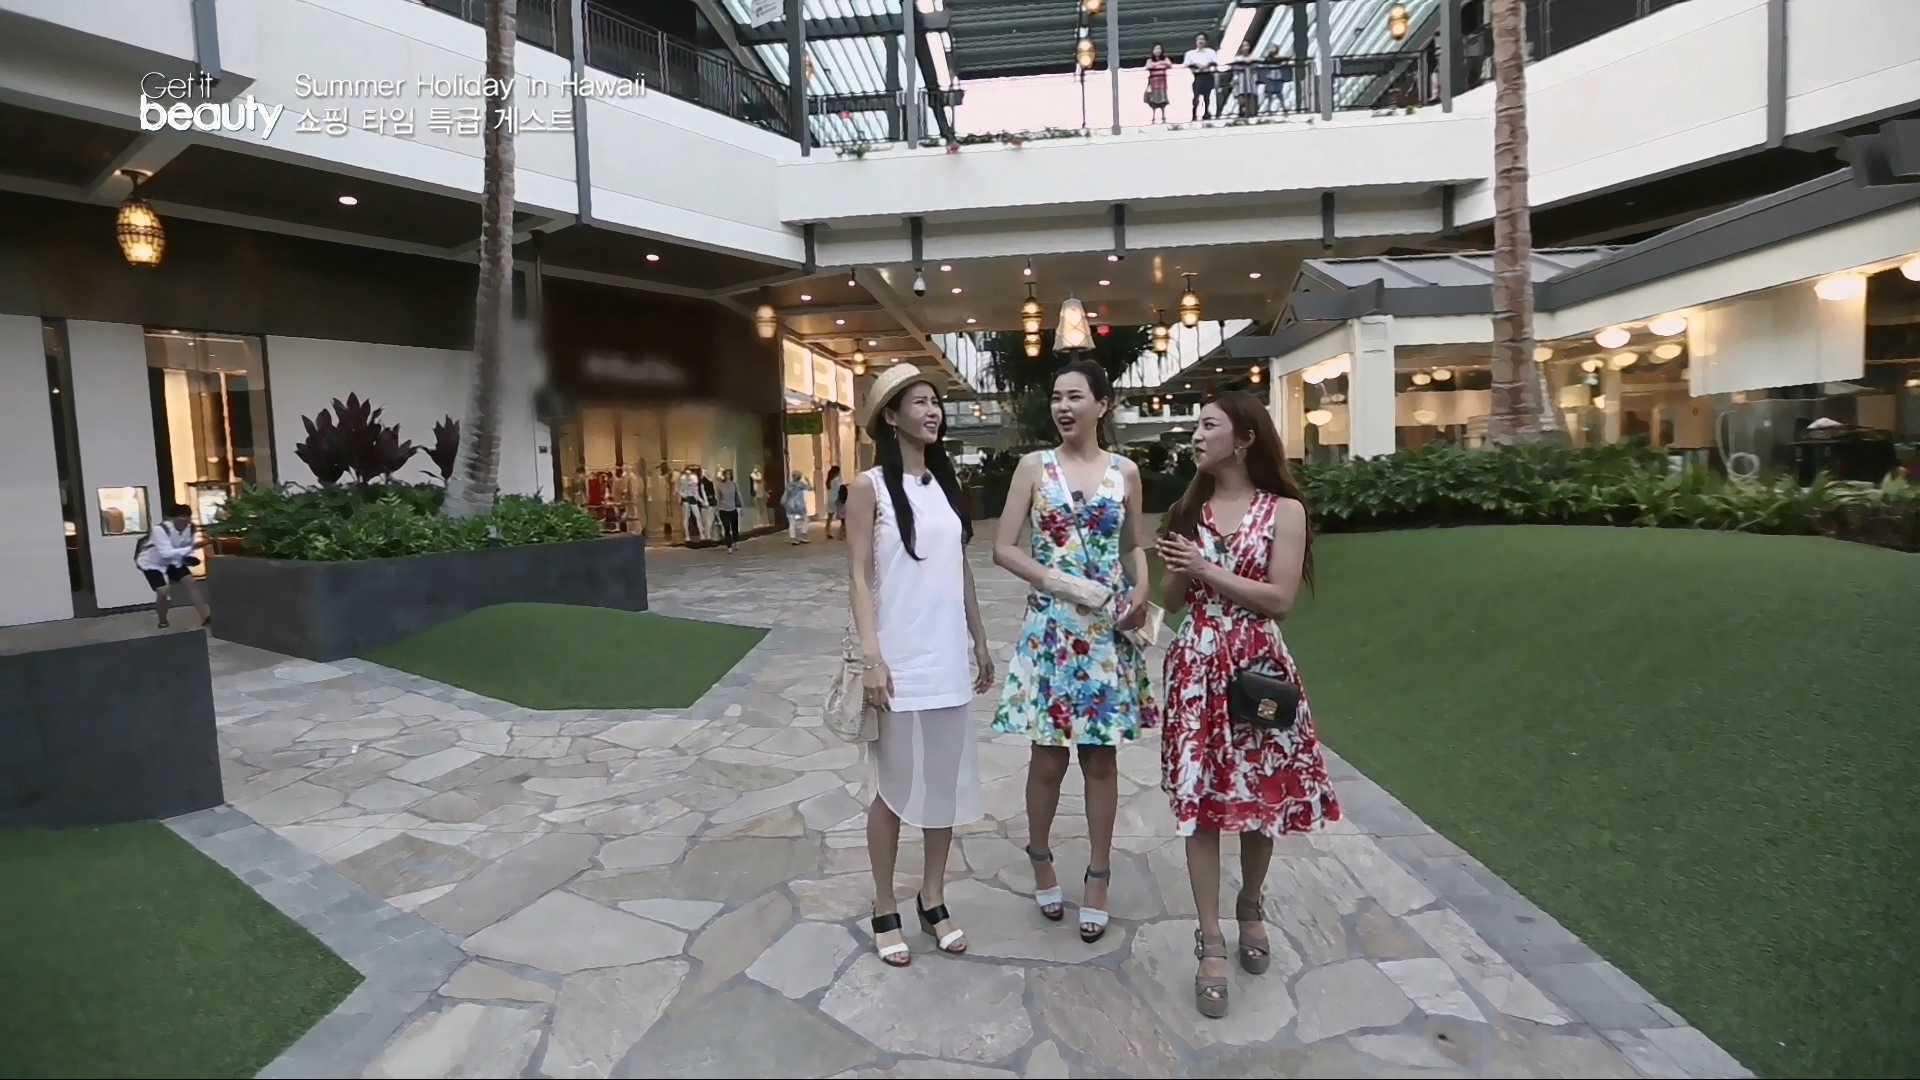 80여 개의 식당을 비롯하여 340개의 매장을 갖춘 하와이 최고의 쇼핑 및 엔터테인먼트 장소이다.  명품 매장은 물론 미국 브랜드 매장과 하와이 로컬 브랜드 매장이 입점 되어 있다.